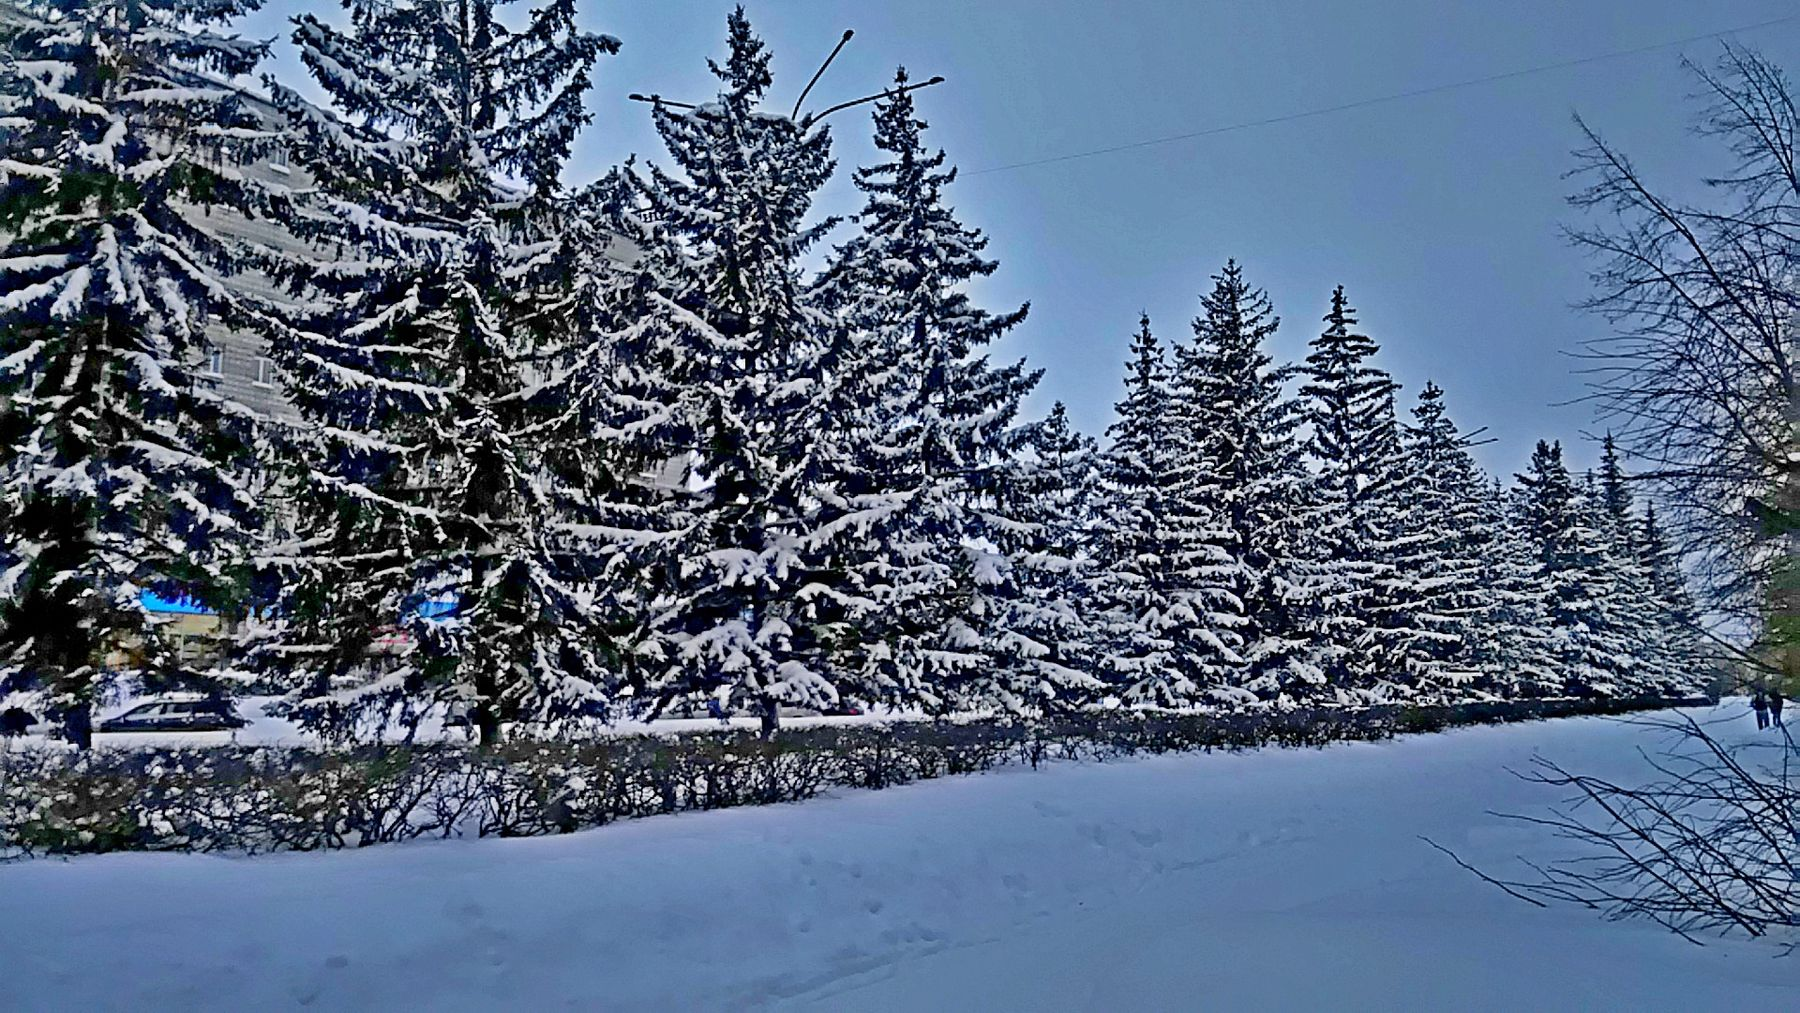 ...и ель под снегом зеленеет...